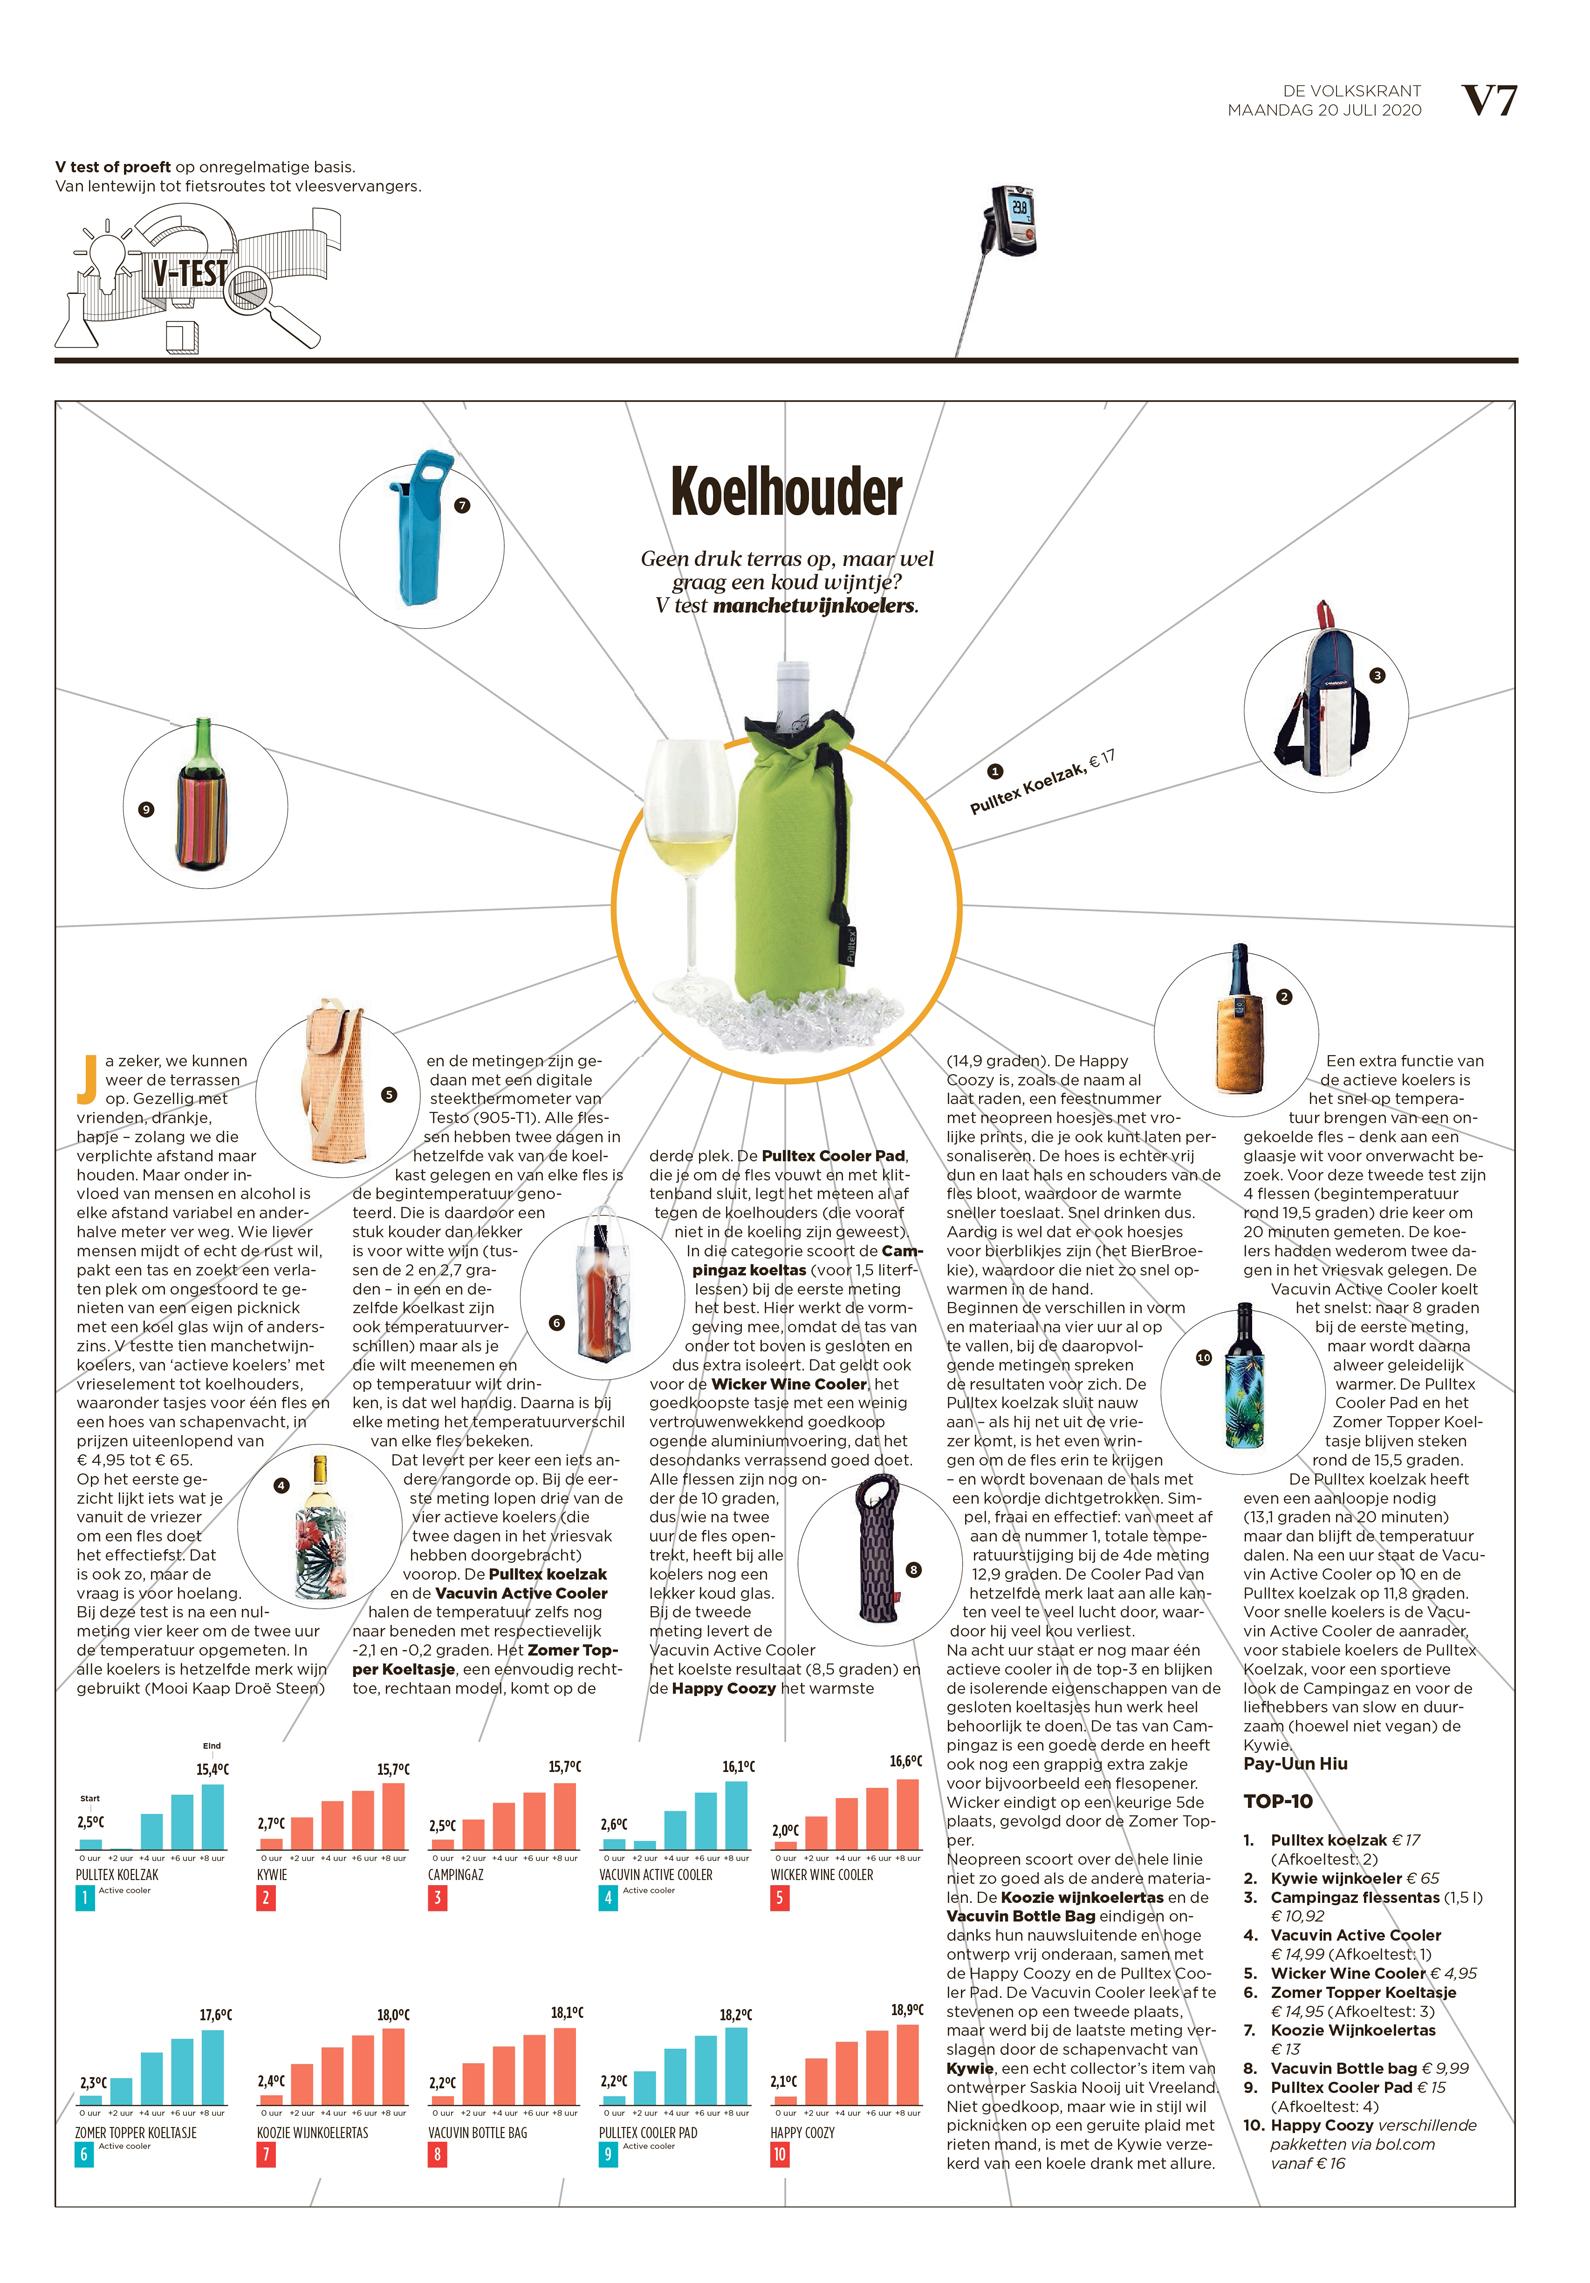 Volkskrant - July 2020 - pg